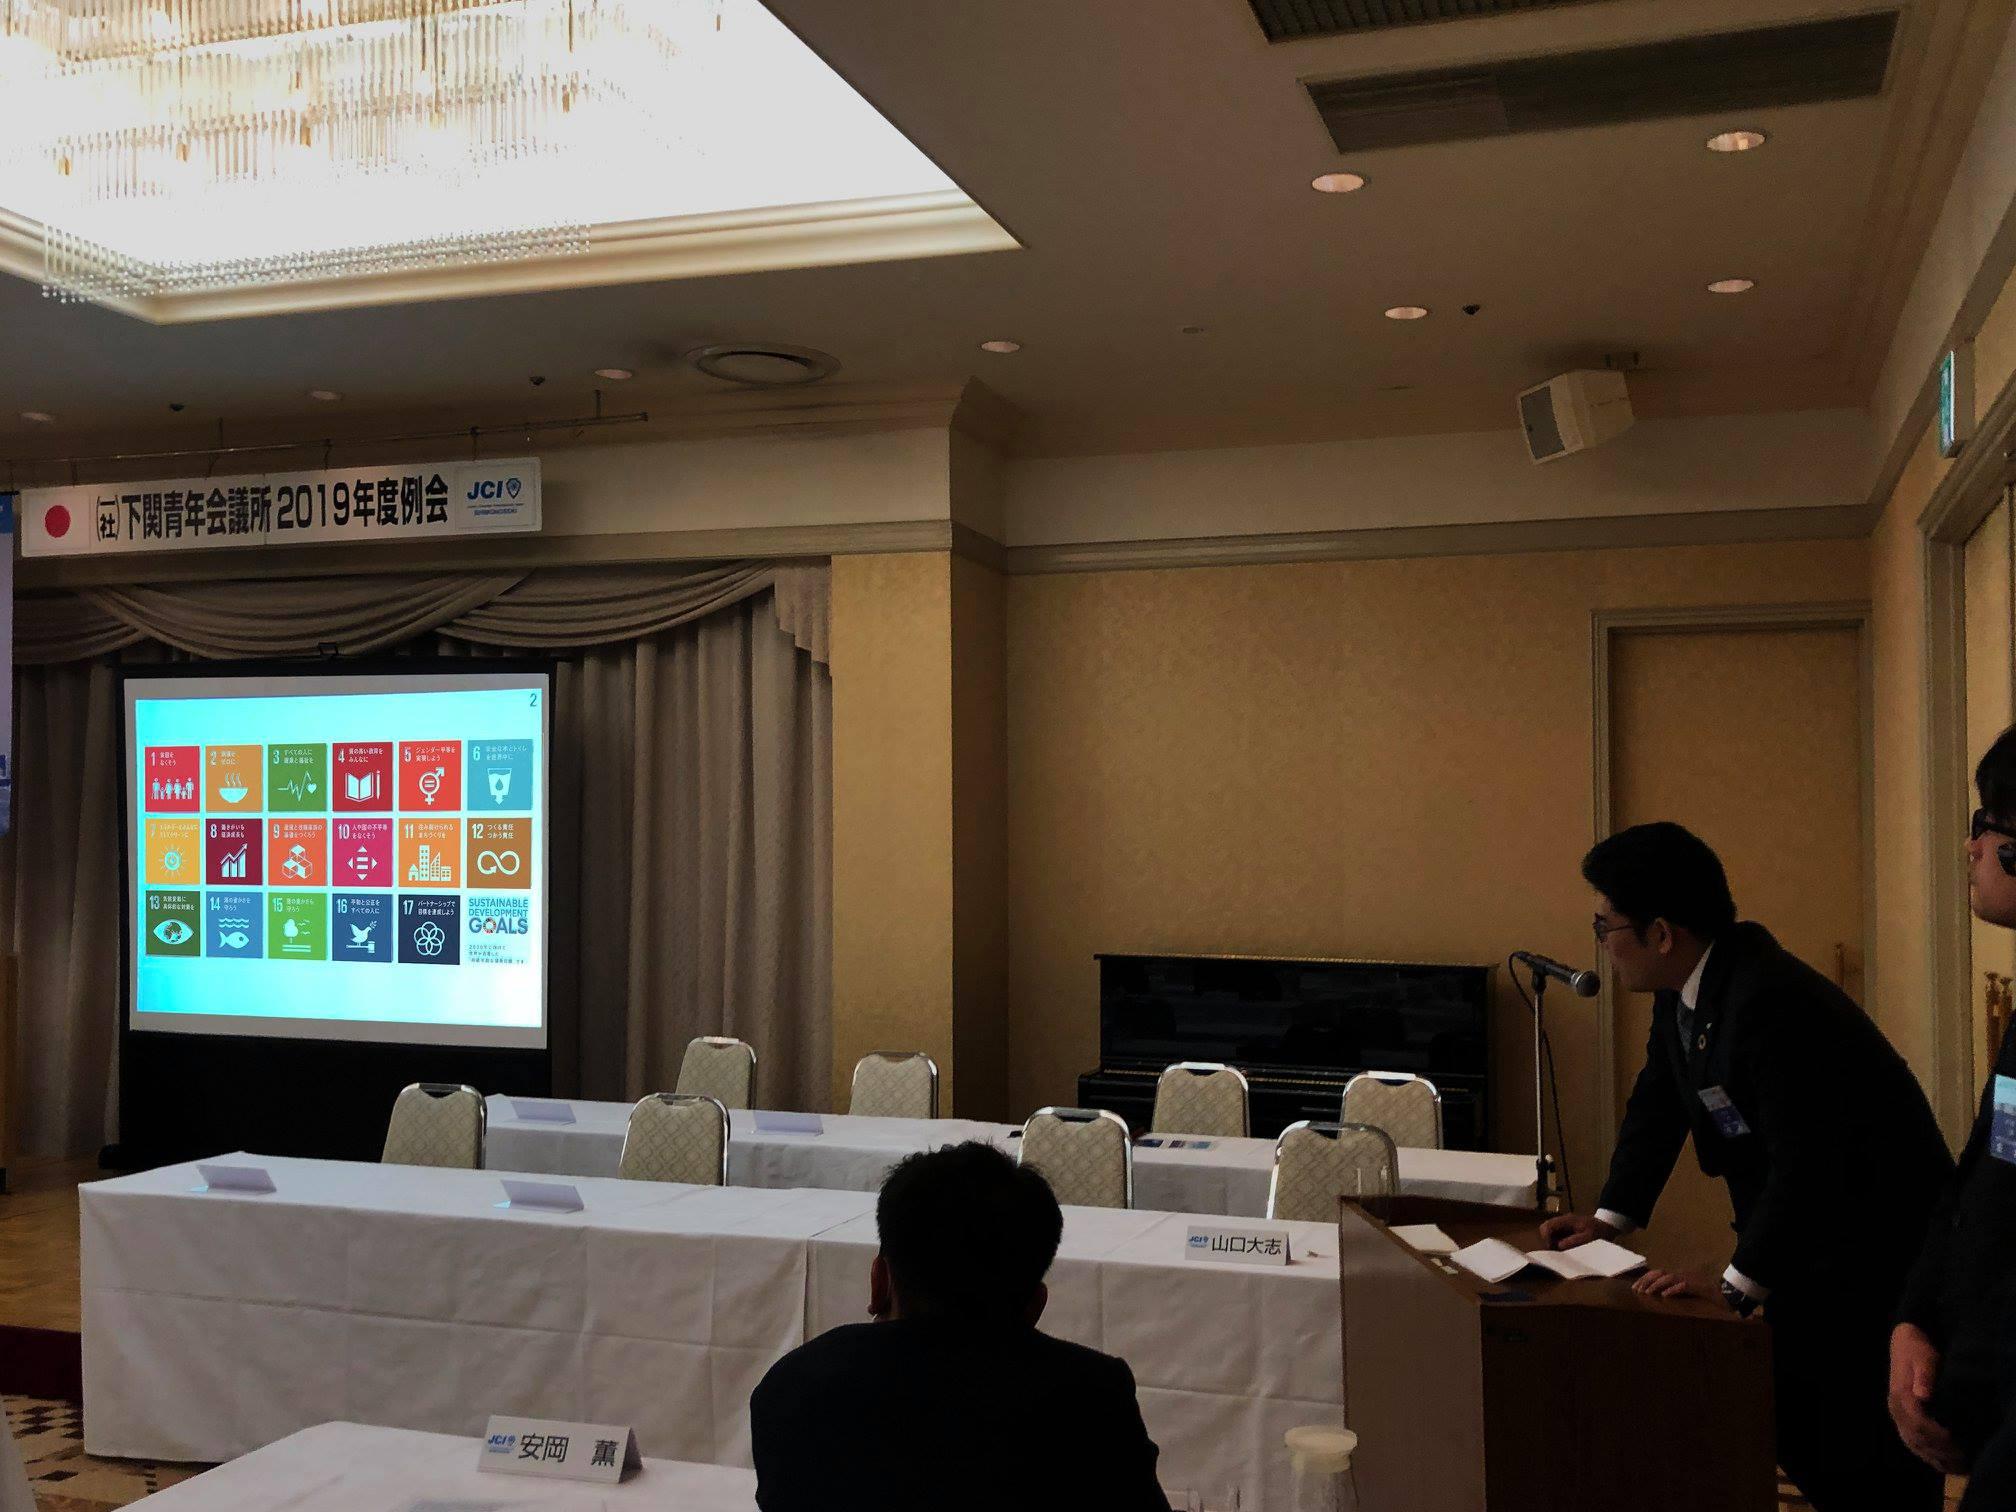 「SDGs推進プロジェクト始動!!」のサムネイル画像1